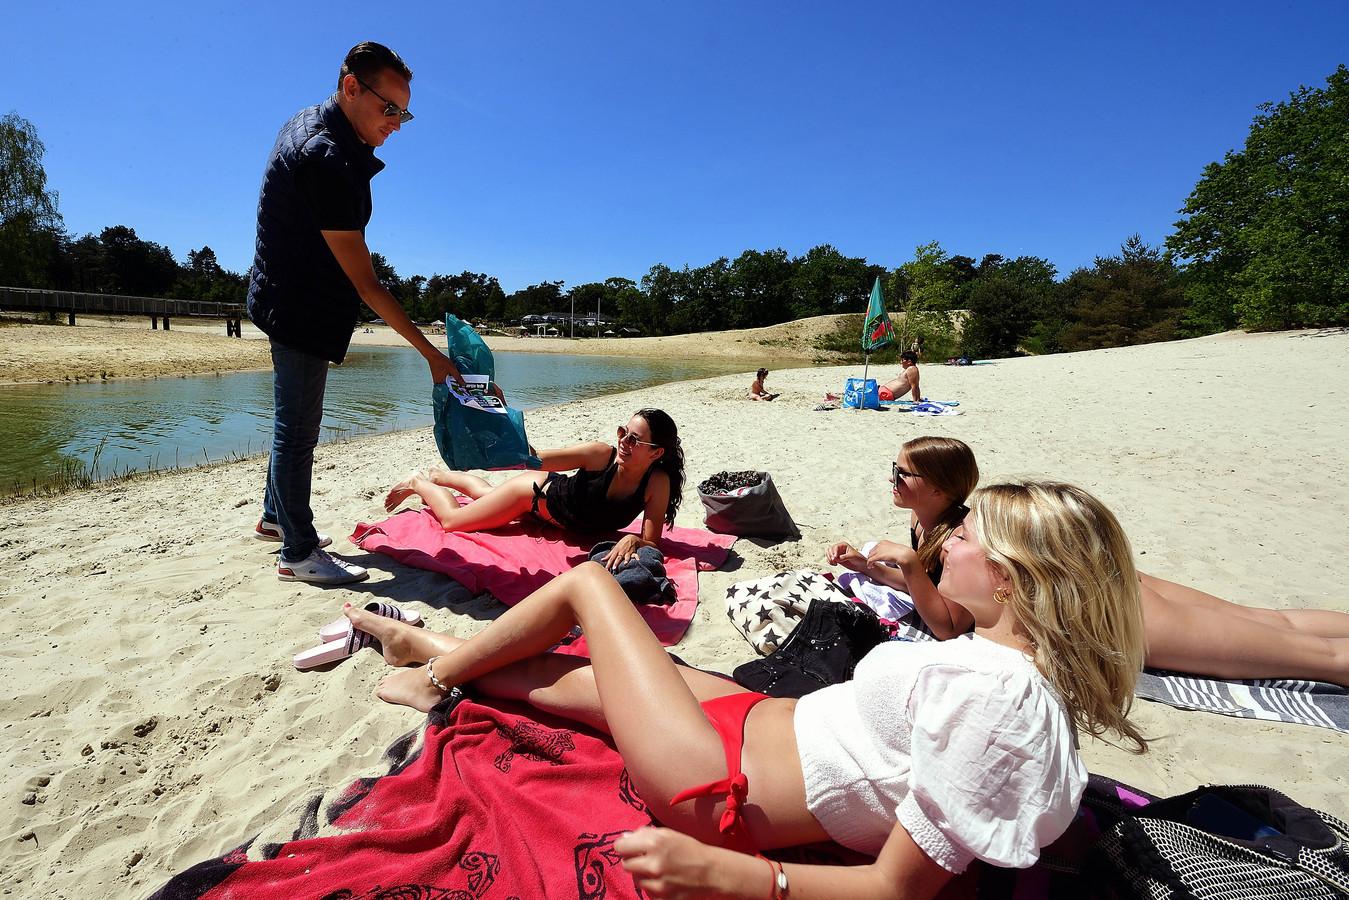 De veertienjarige meiden Zoë Haast, Ilse van Tilburg en Sofie Ruedisueli (vlnr) krijgen een vuilniszak met flyer uitgebreid. Ze erkennen dat er veel troep wordt achtergelaten op het strand bij De Bergse Heide.